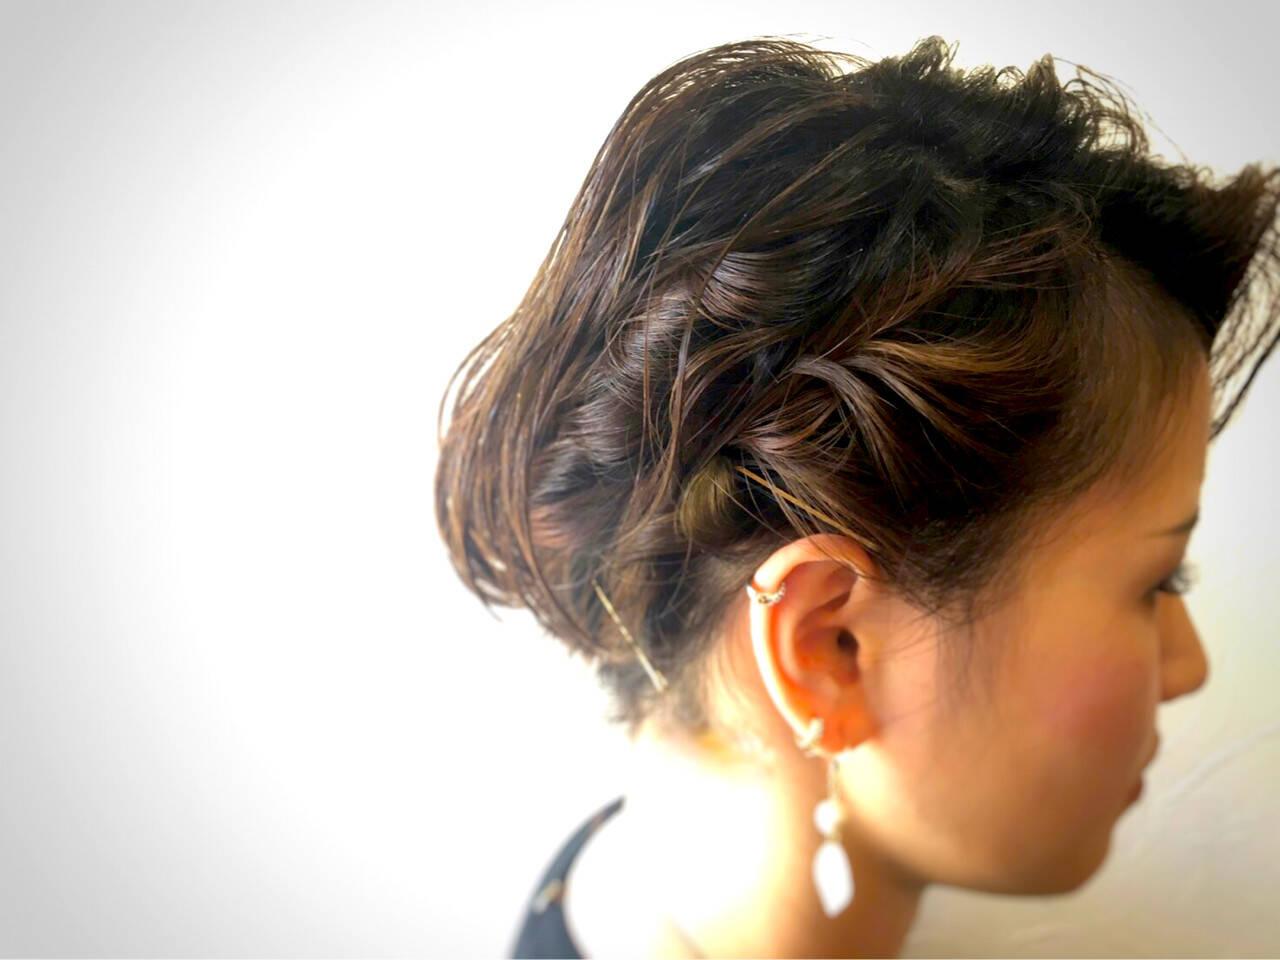 ヘアアレンジ ガーリー 編み込み フィッシュボーンヘアスタイルや髪型の写真・画像